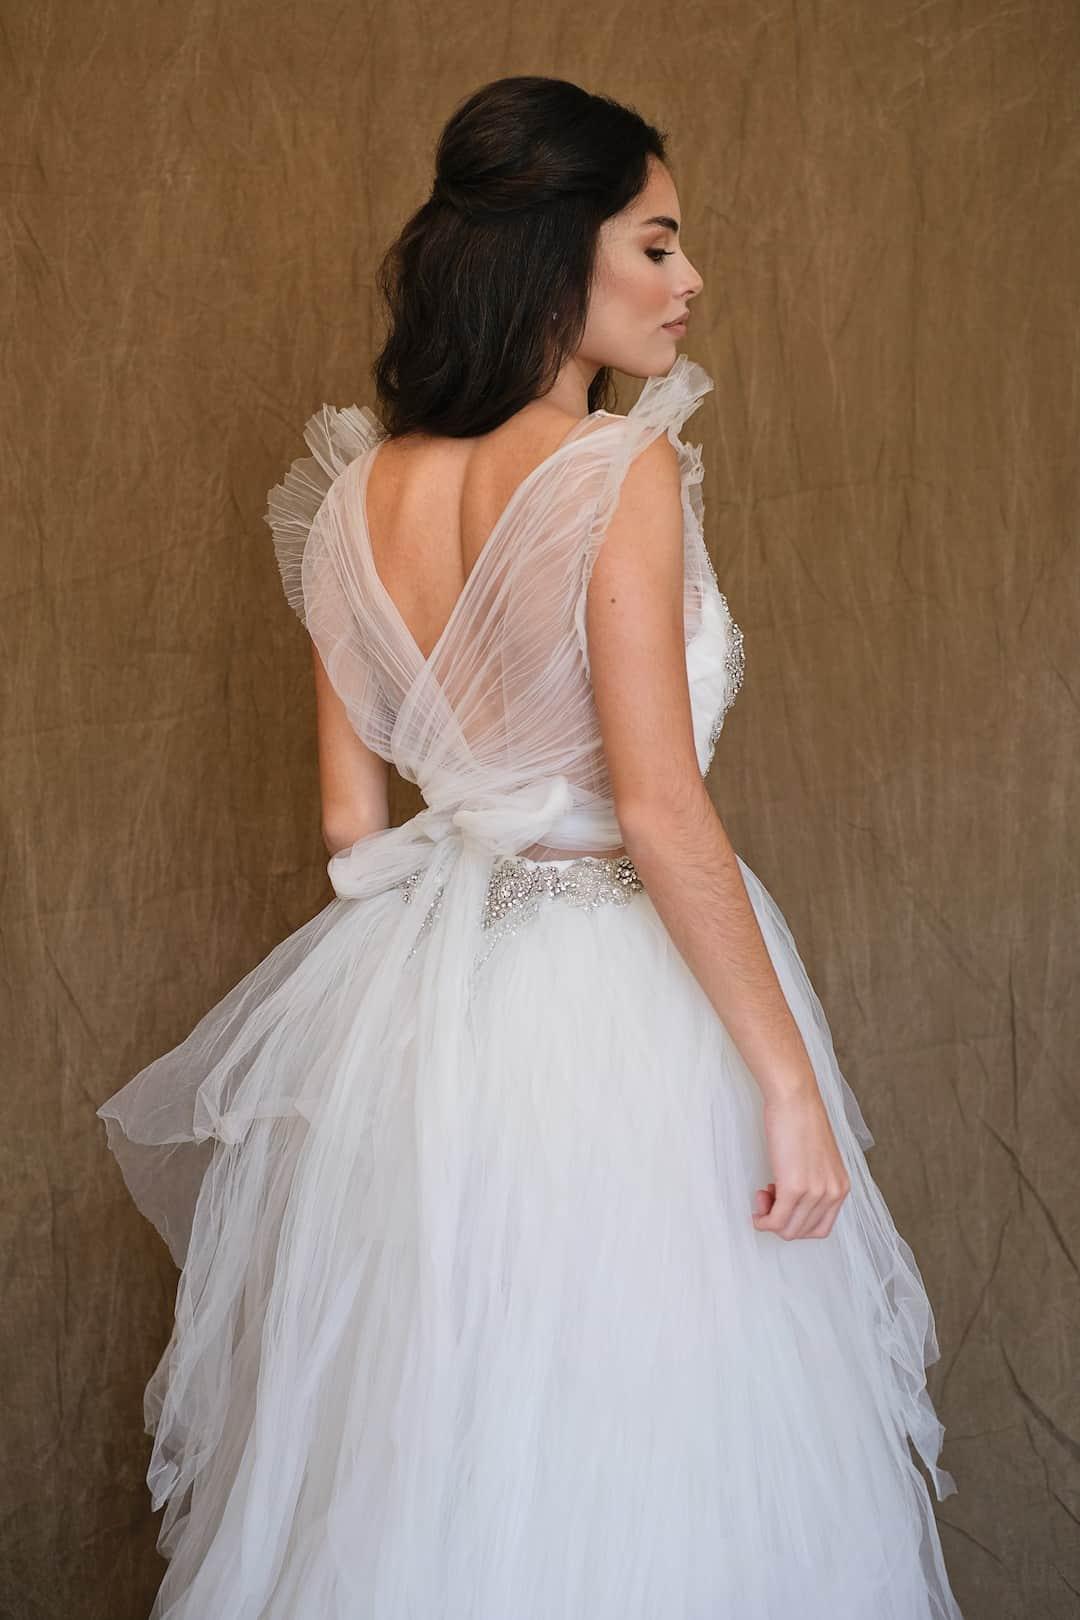 Romantikus menyasszonyi ruhák - Marco&Maria - 14-1031-back